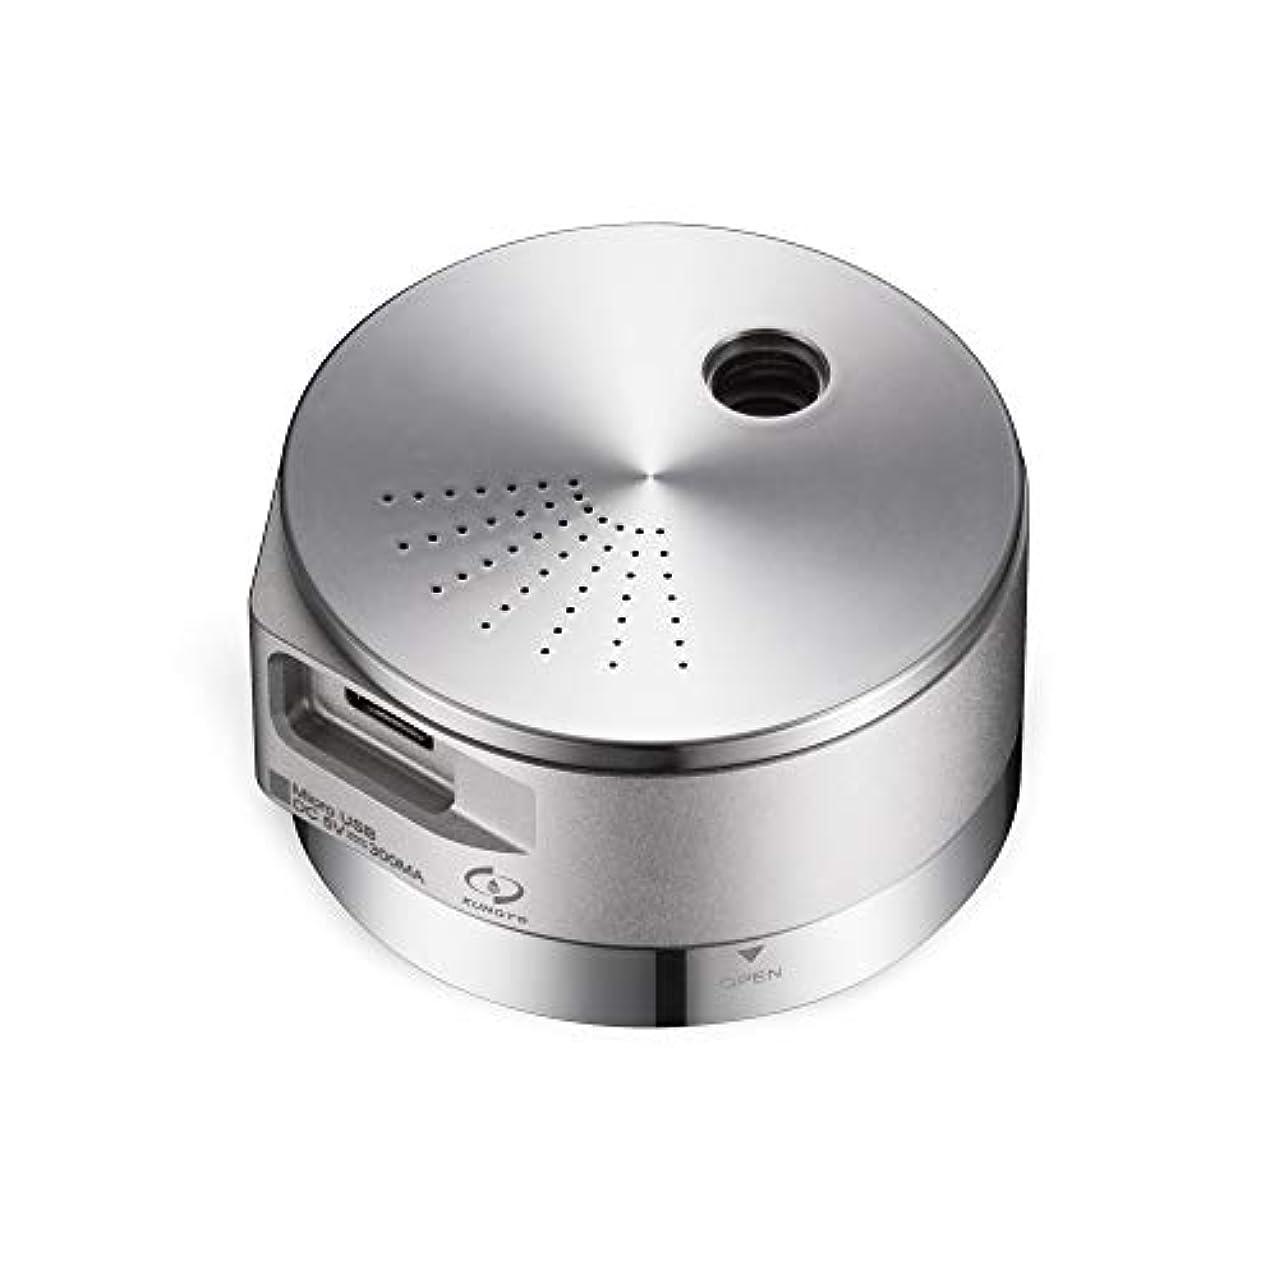 視線確執硬いミニ加湿器 - ポータブルエッセンシャルオイルディフューザー、USBチャージ、自動シャットオフアロマディフューザー(アルミ、25ml) 141[並行輸入]